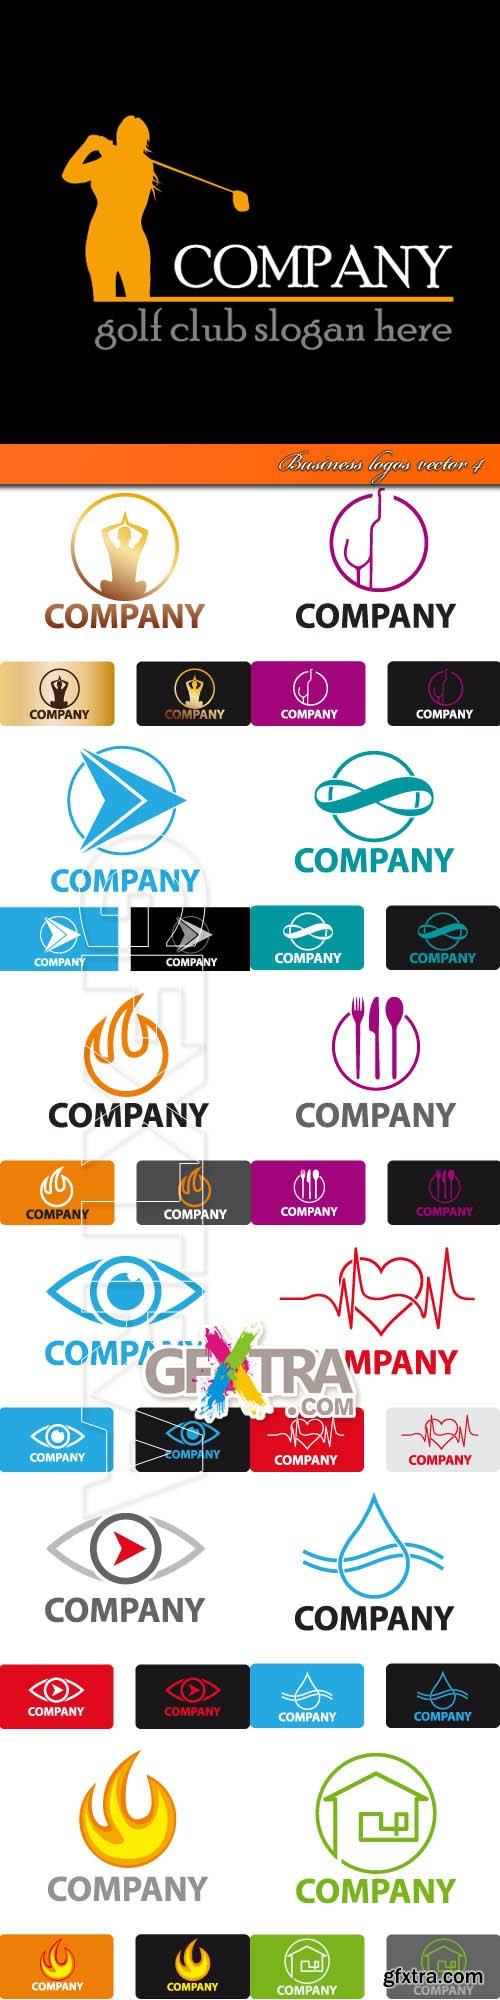 Business logos vector 4